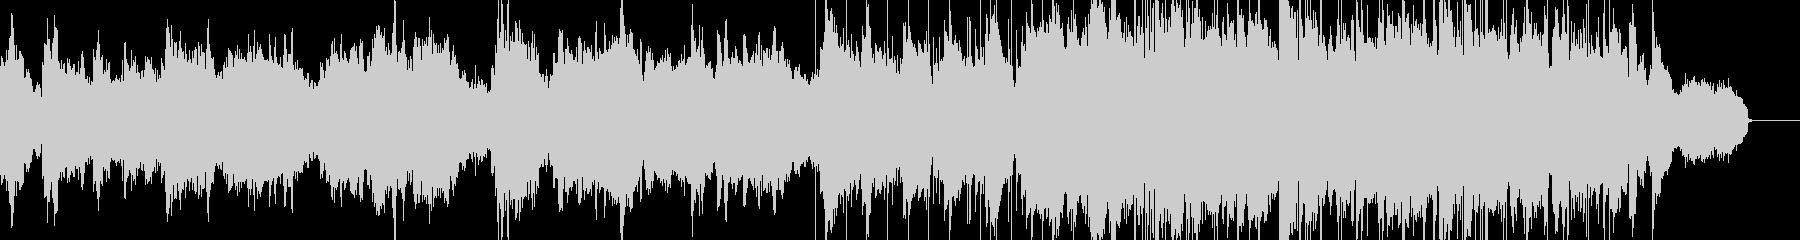 サックスによるしっとり切ないバラードの未再生の波形